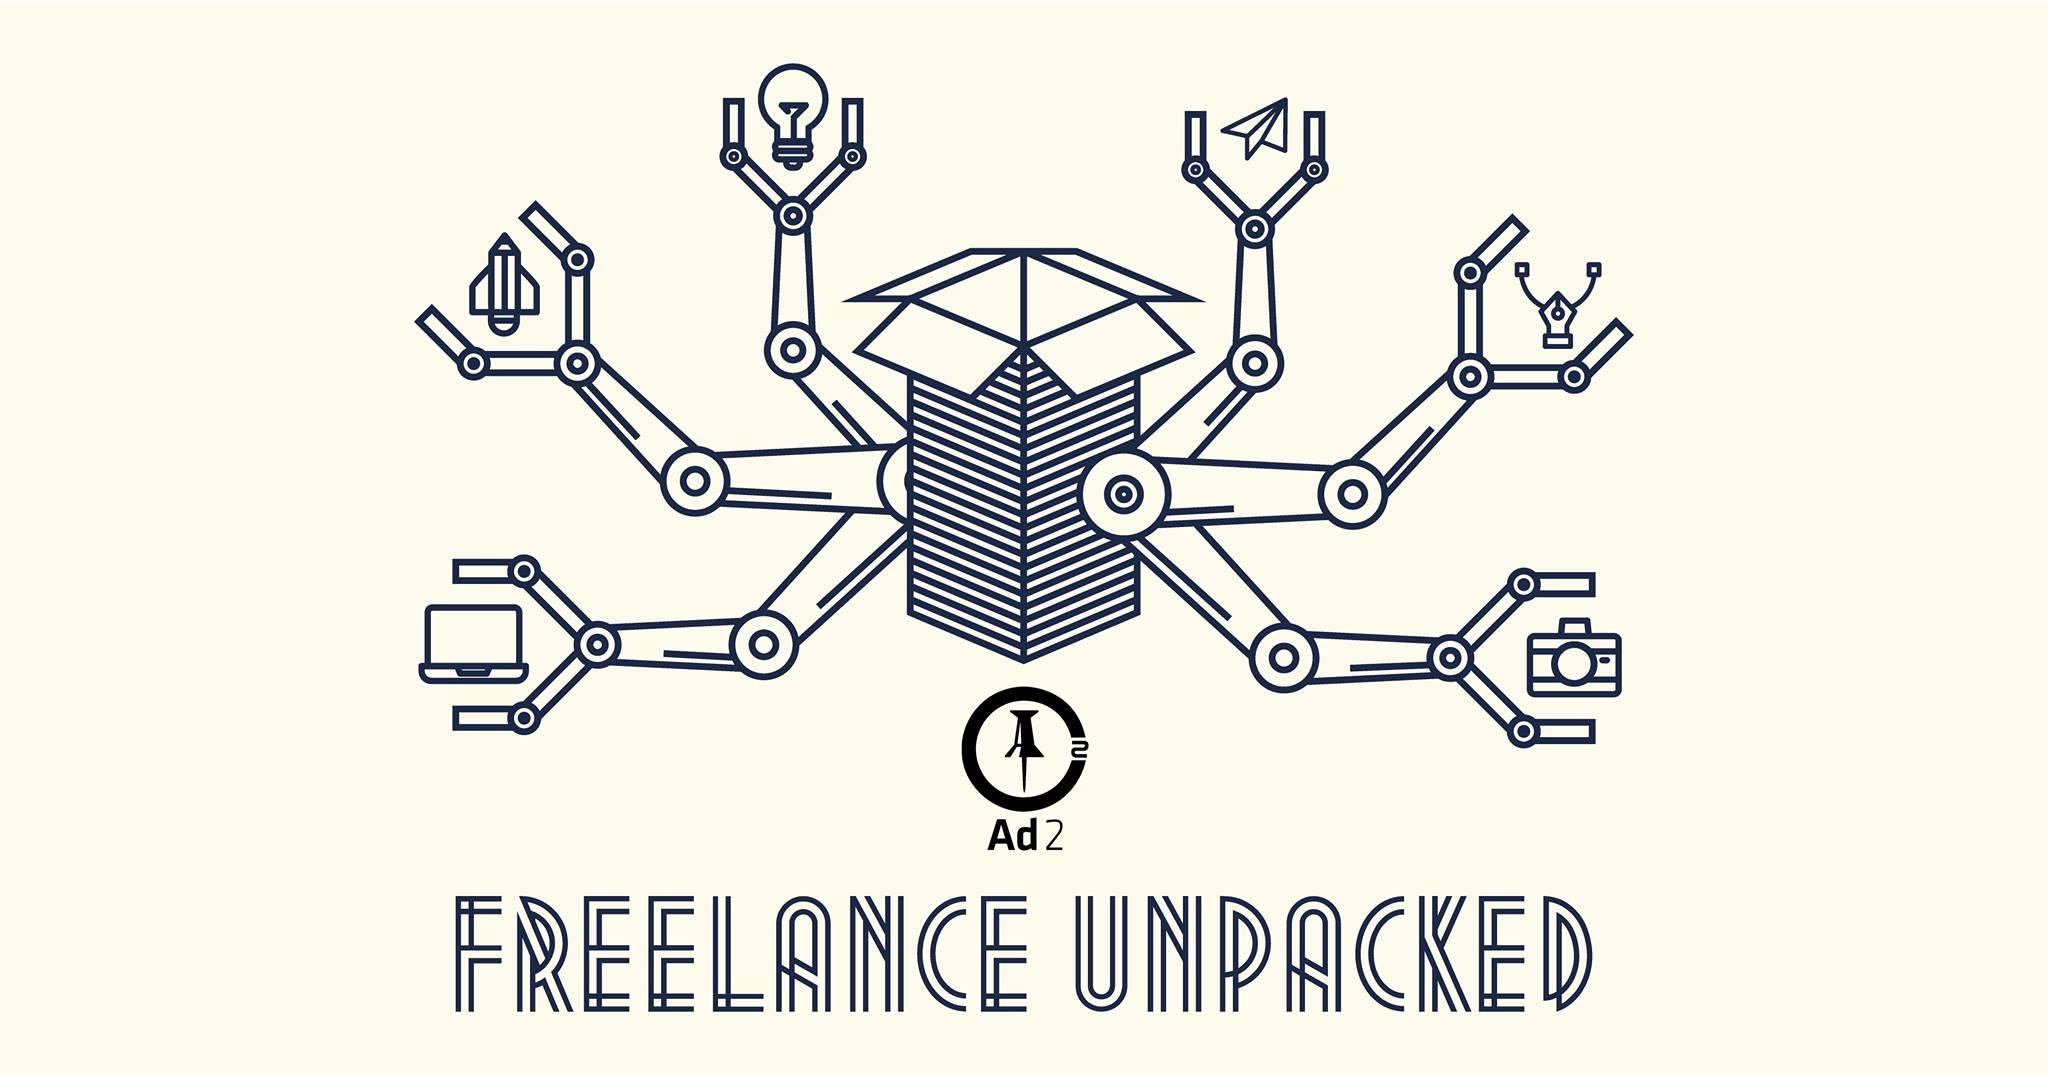 Ad 2 Minnesota's Freelance Unpacked